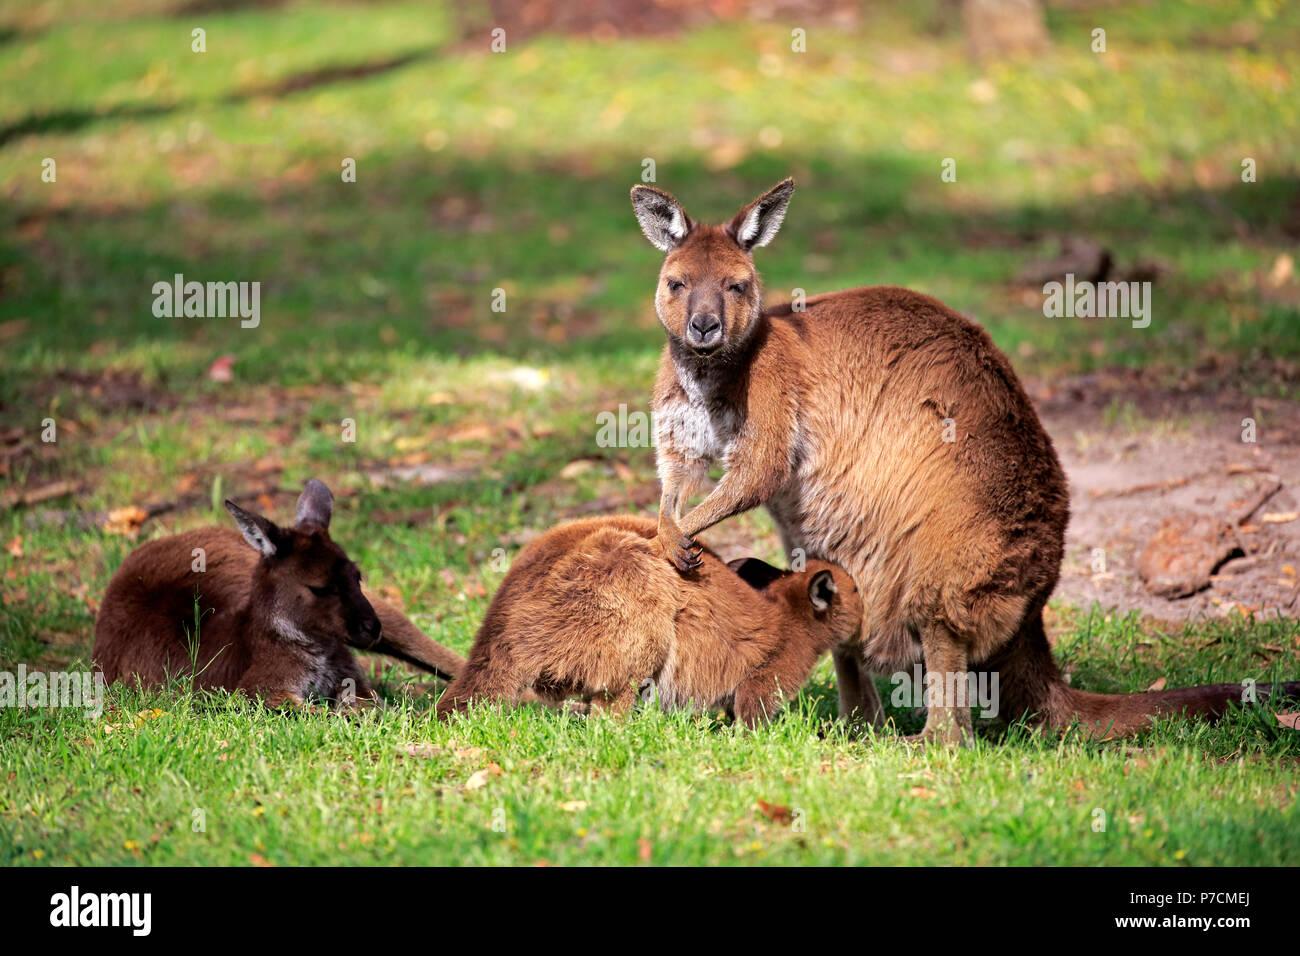 Kangaroo Island Kangaroo, family with young, suckling, Kangaroo Island, South Australia, Australia, (Macropus fuliginosus fuliginosus) - Stock Image